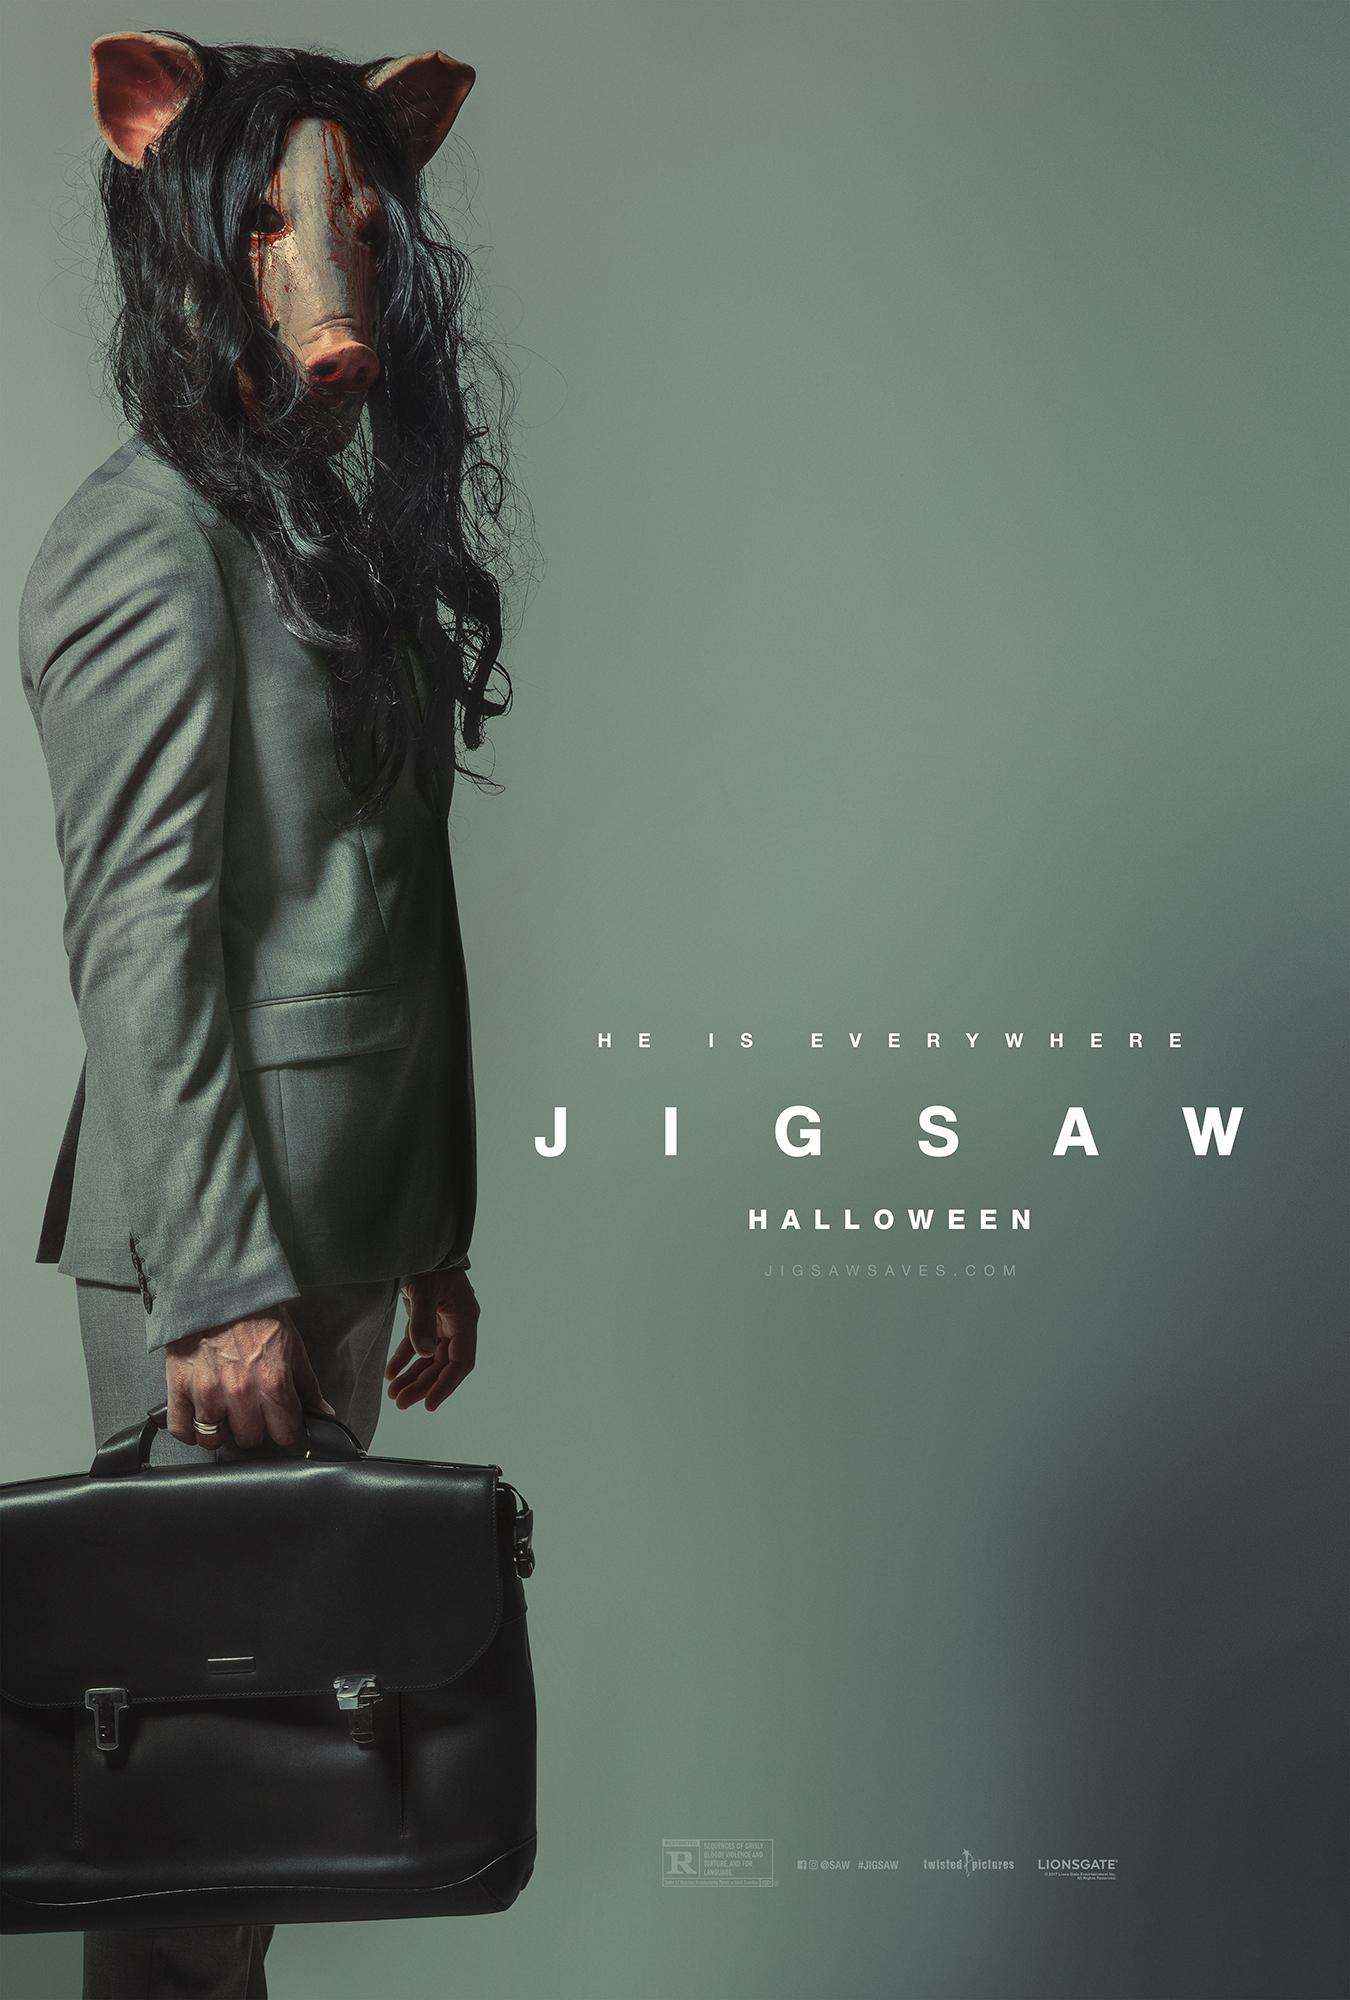 Jigsaw_1Sht_Online_Suit_100dpi.jpg